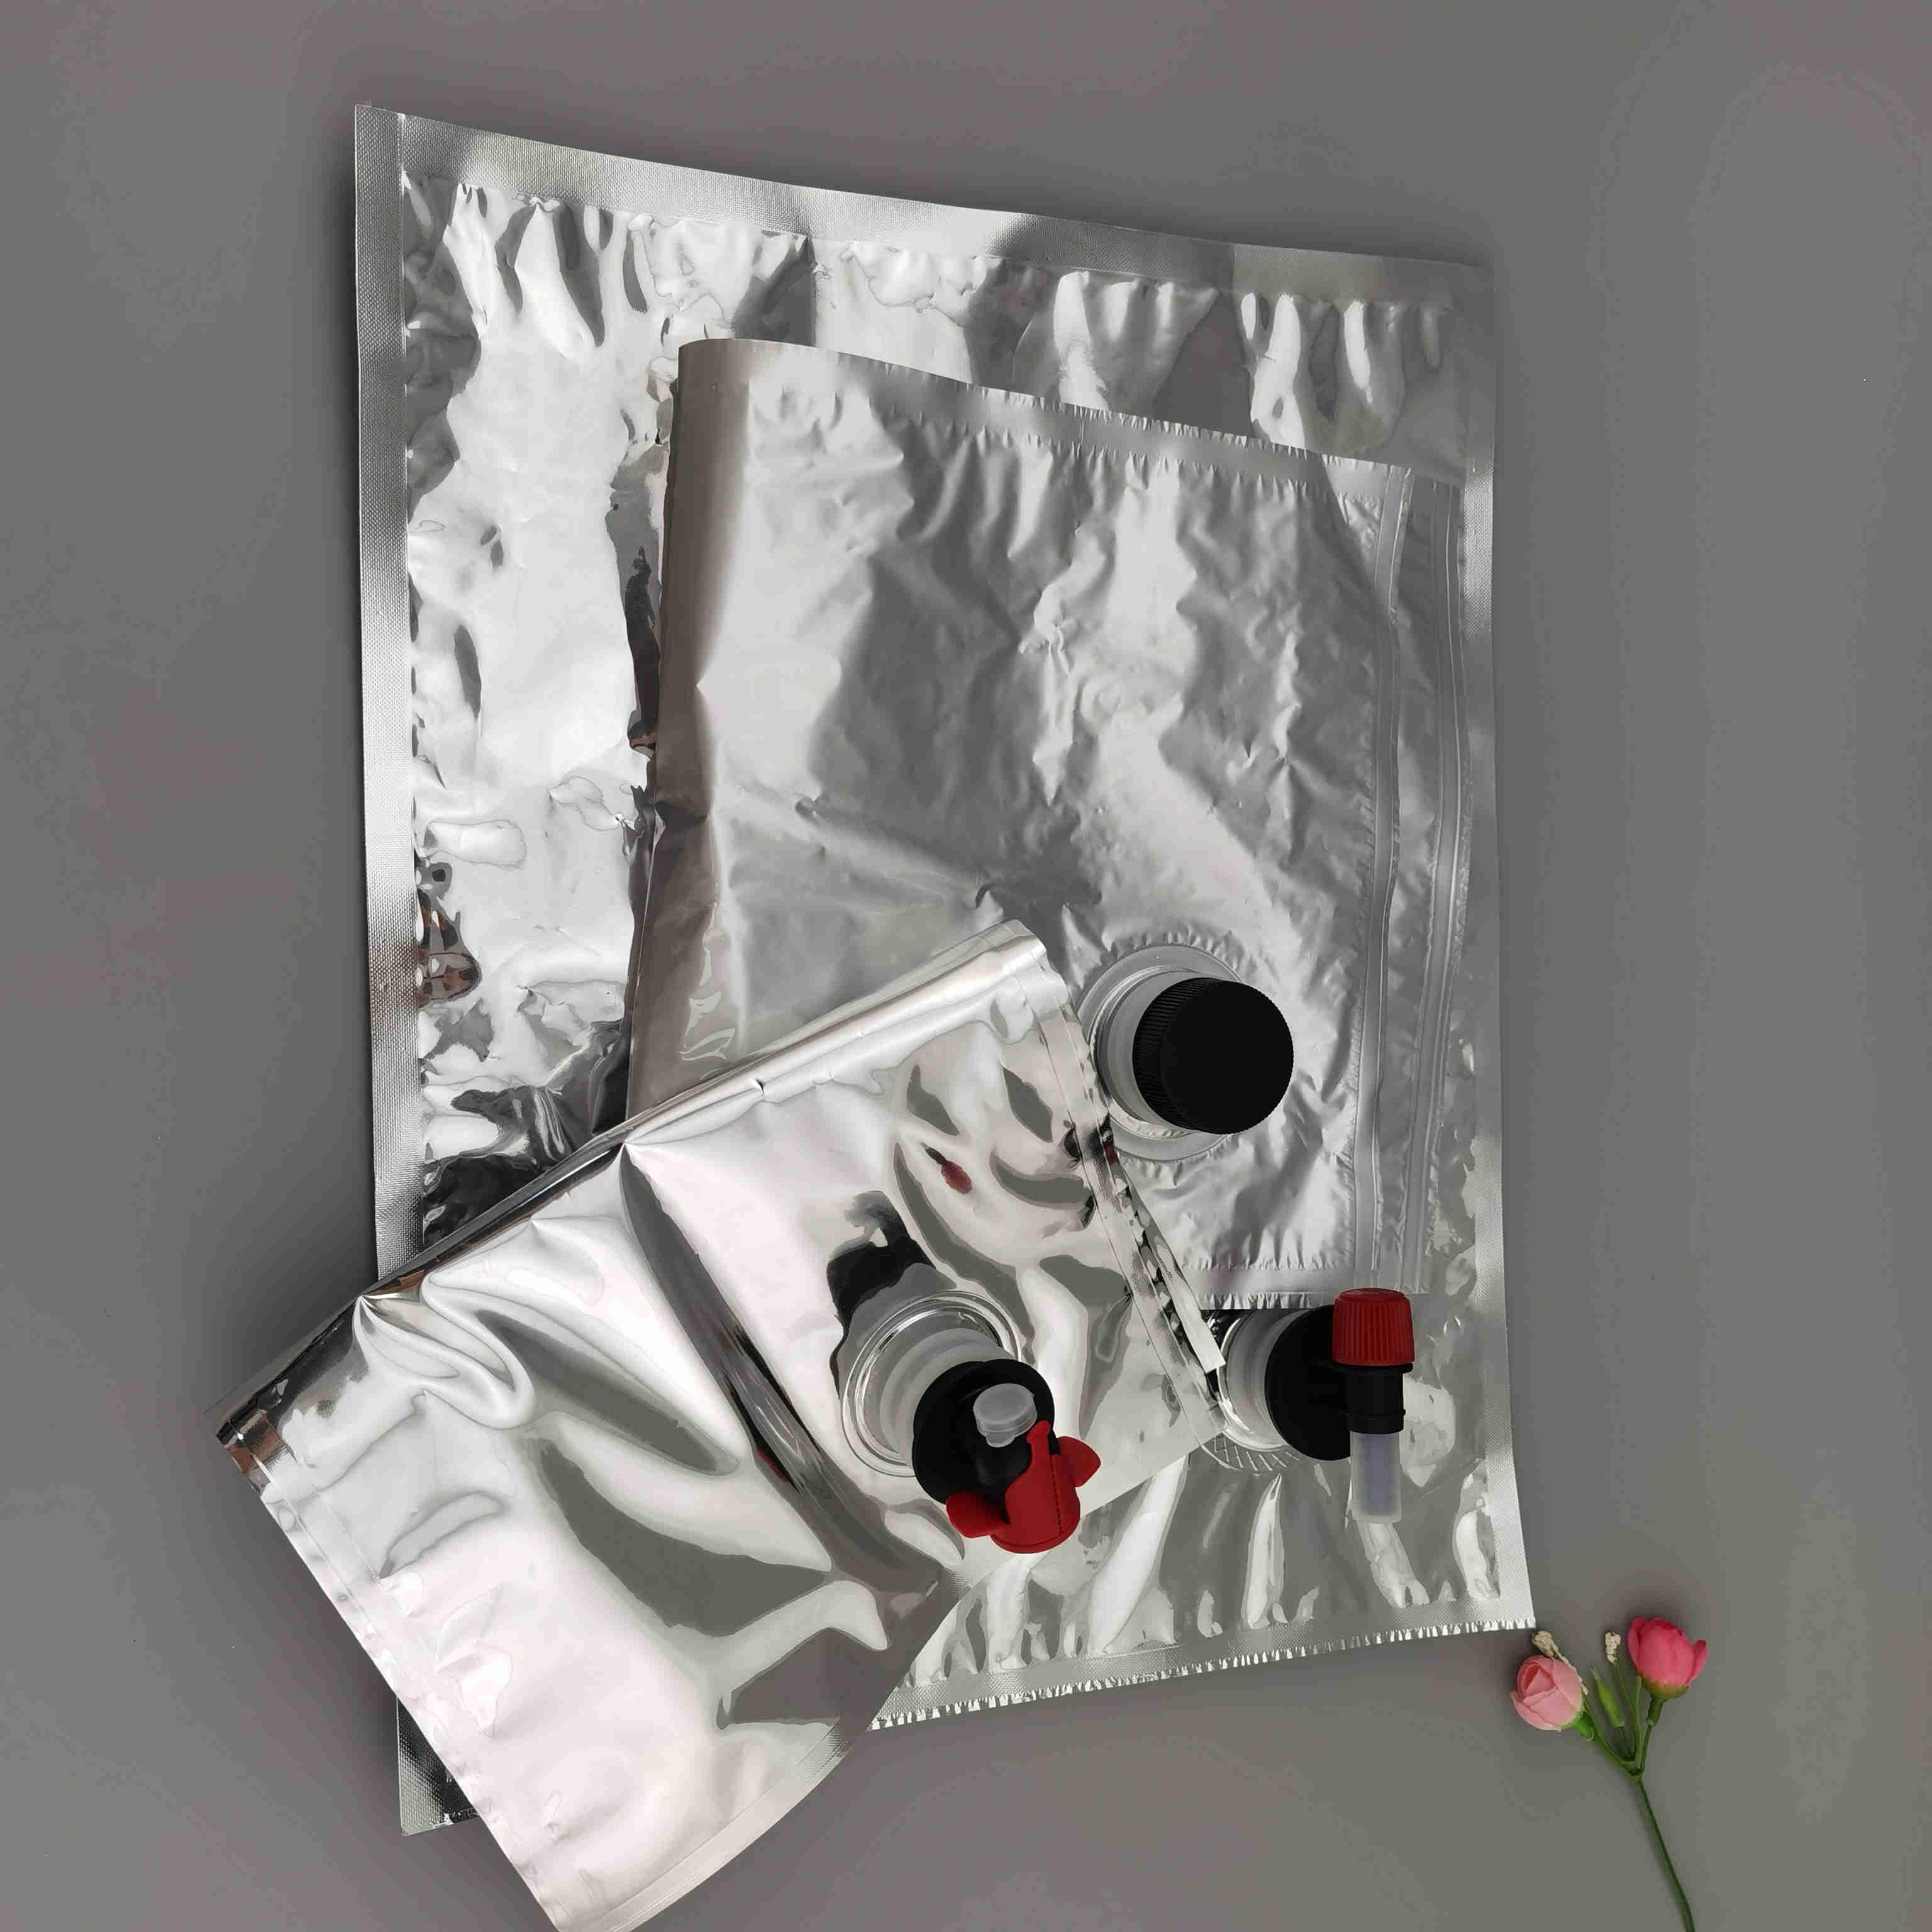 定制5kg装无菌消毒液洗手液蝶阀盒中袋 5L红酒果酱旋盖液体盒中袋